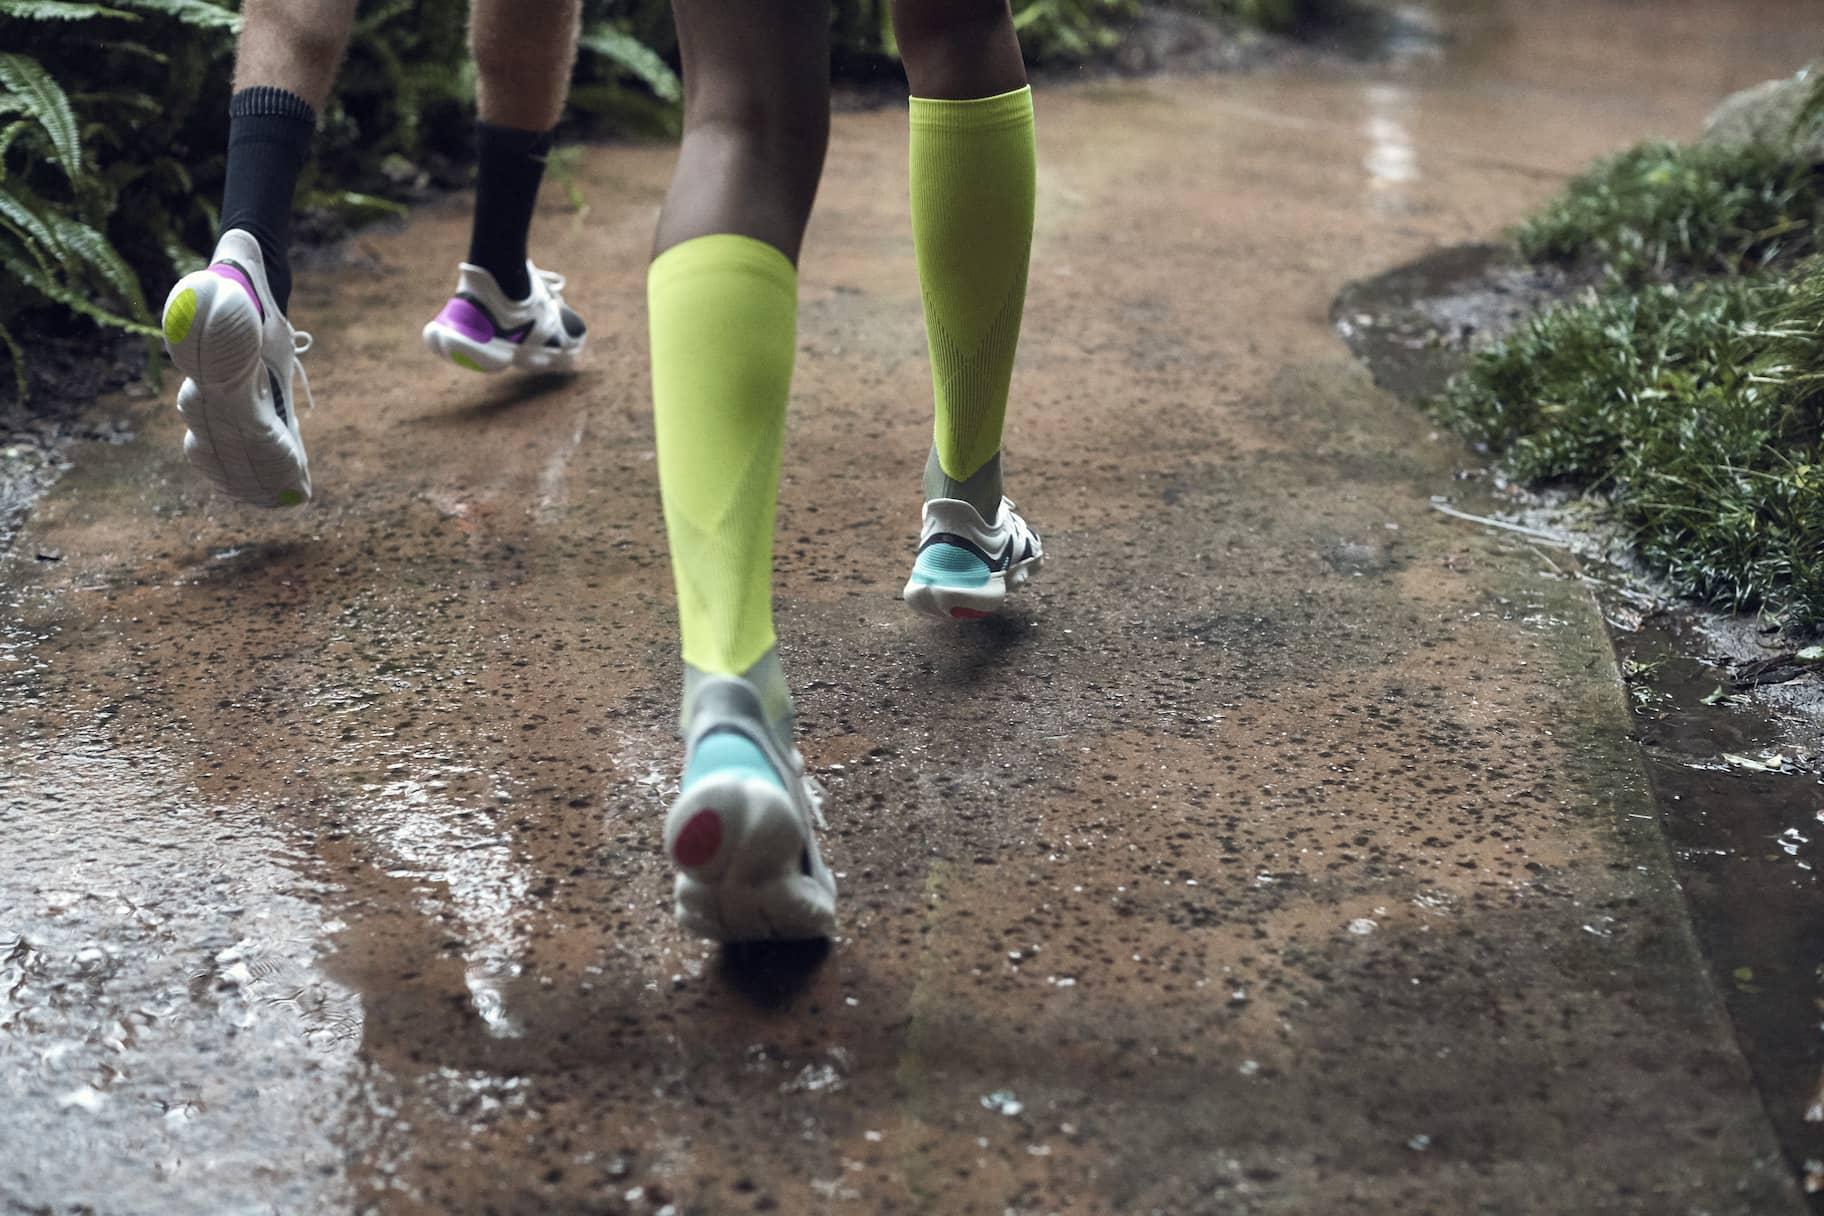 Qual è la differenza fra scarpe da running ad alta stabilità e scarpe con controllo del movimento?